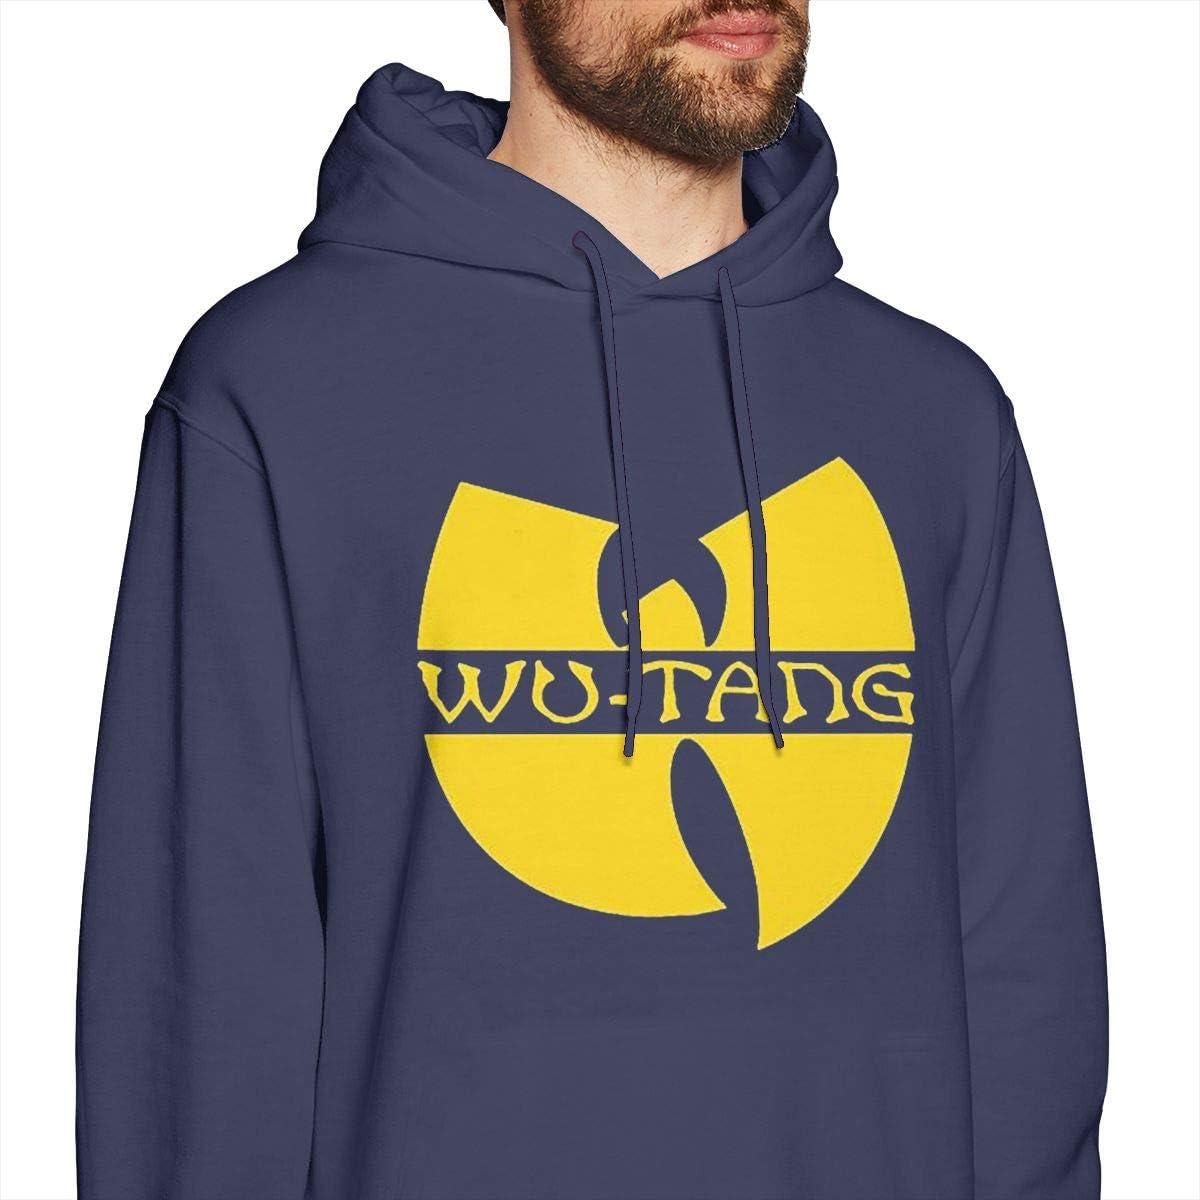 Mens Hooded Sweatshirt Wu Tang Personality Street Trend Creation Navy